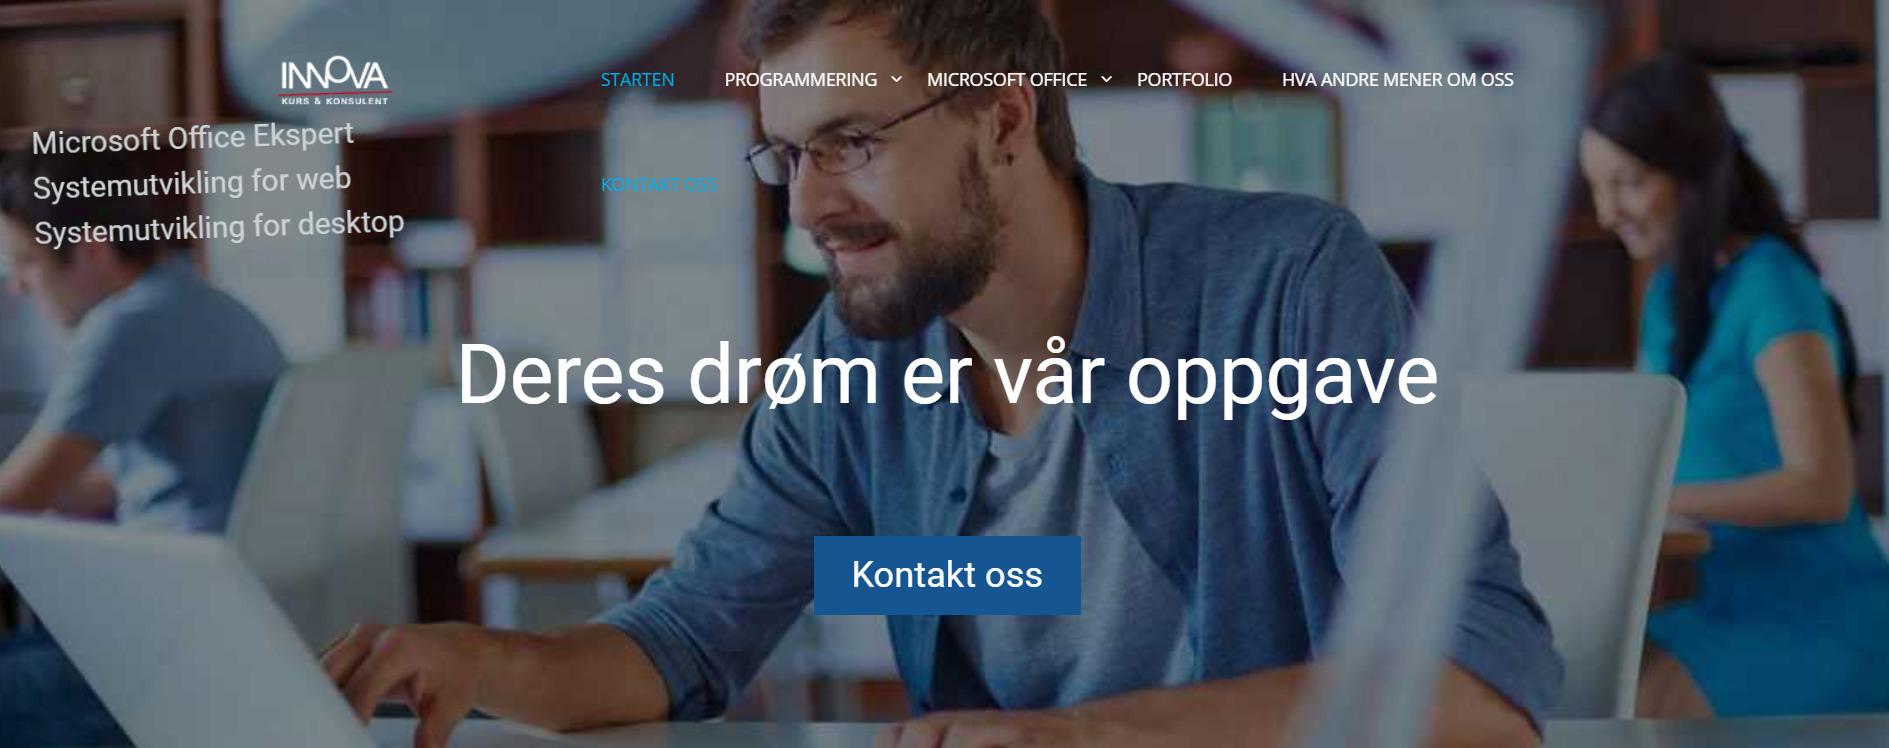 Innova Kurs og Konsulenttjenester (@innovakk) Cover Image